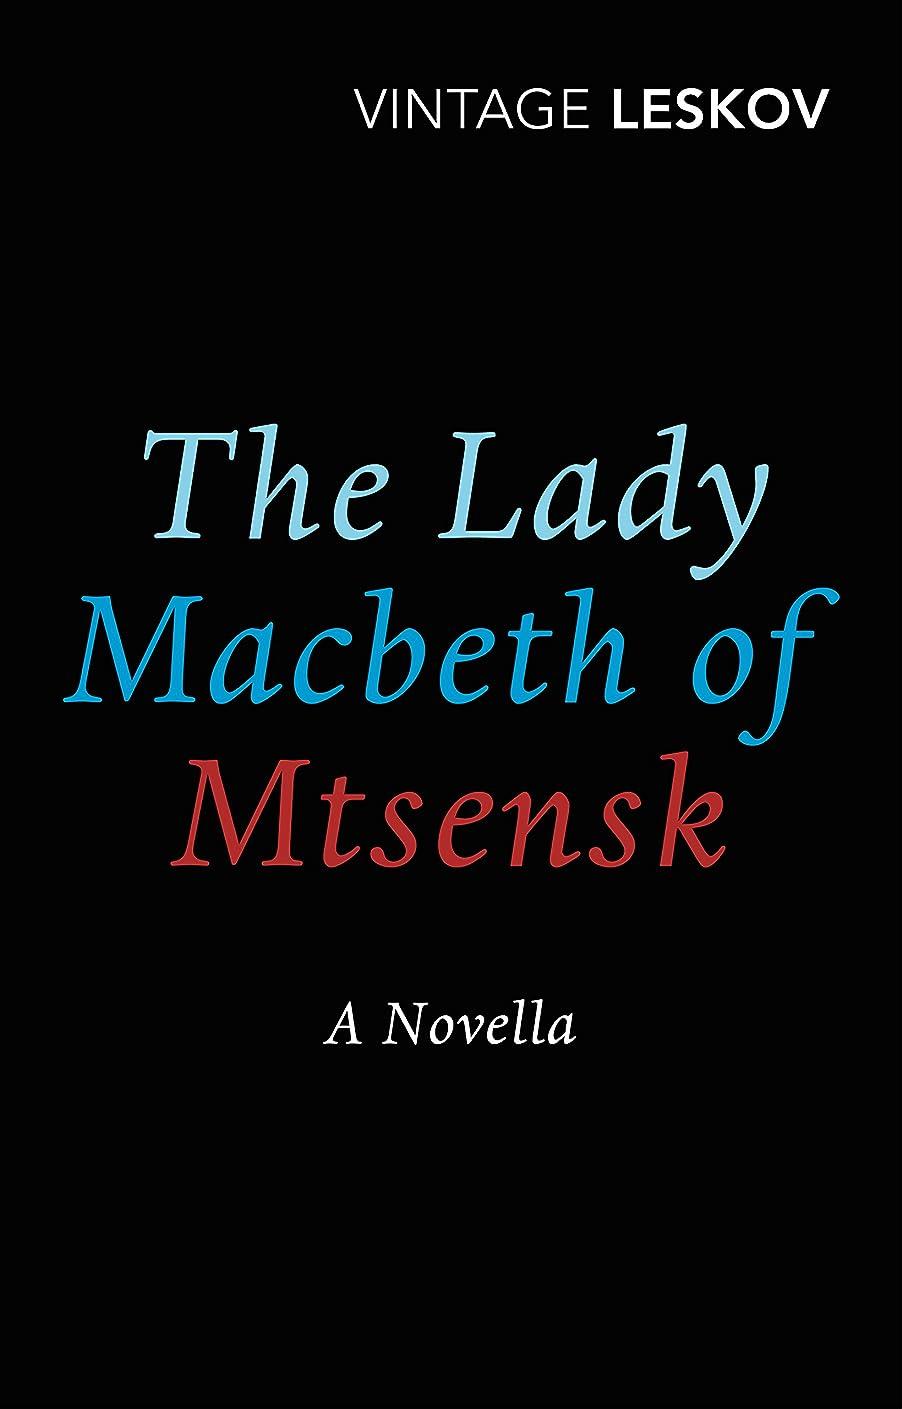 ライトニングファイナンス紛争The Lady Macbeth of Mtsensk (English Edition)